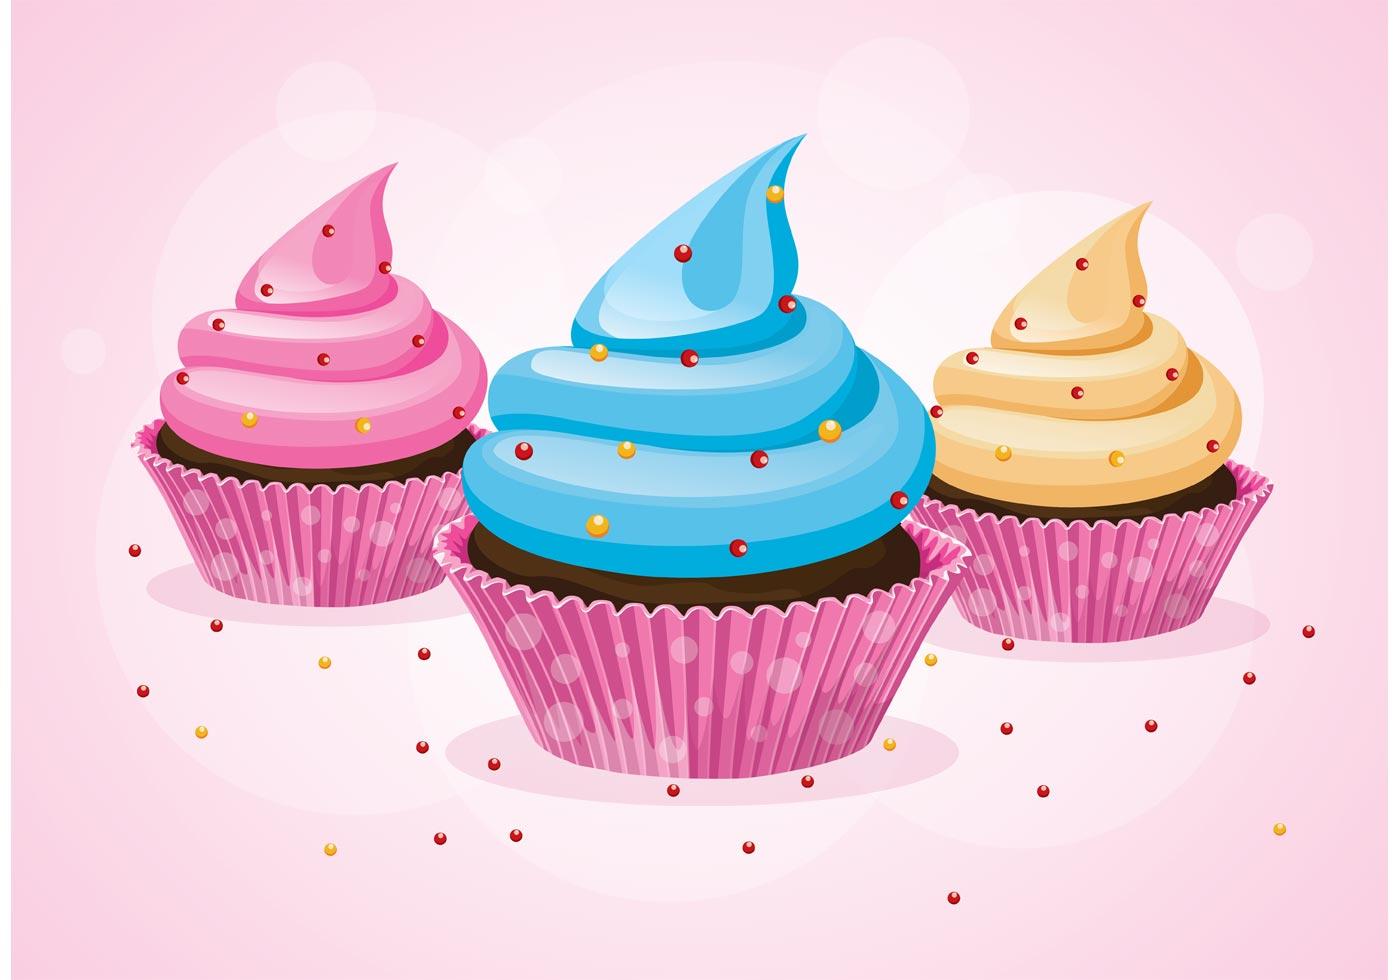 Cute Animated Cupcake Wallpaper Cupcake Vectors Download Free Vector Art Stock Graphics